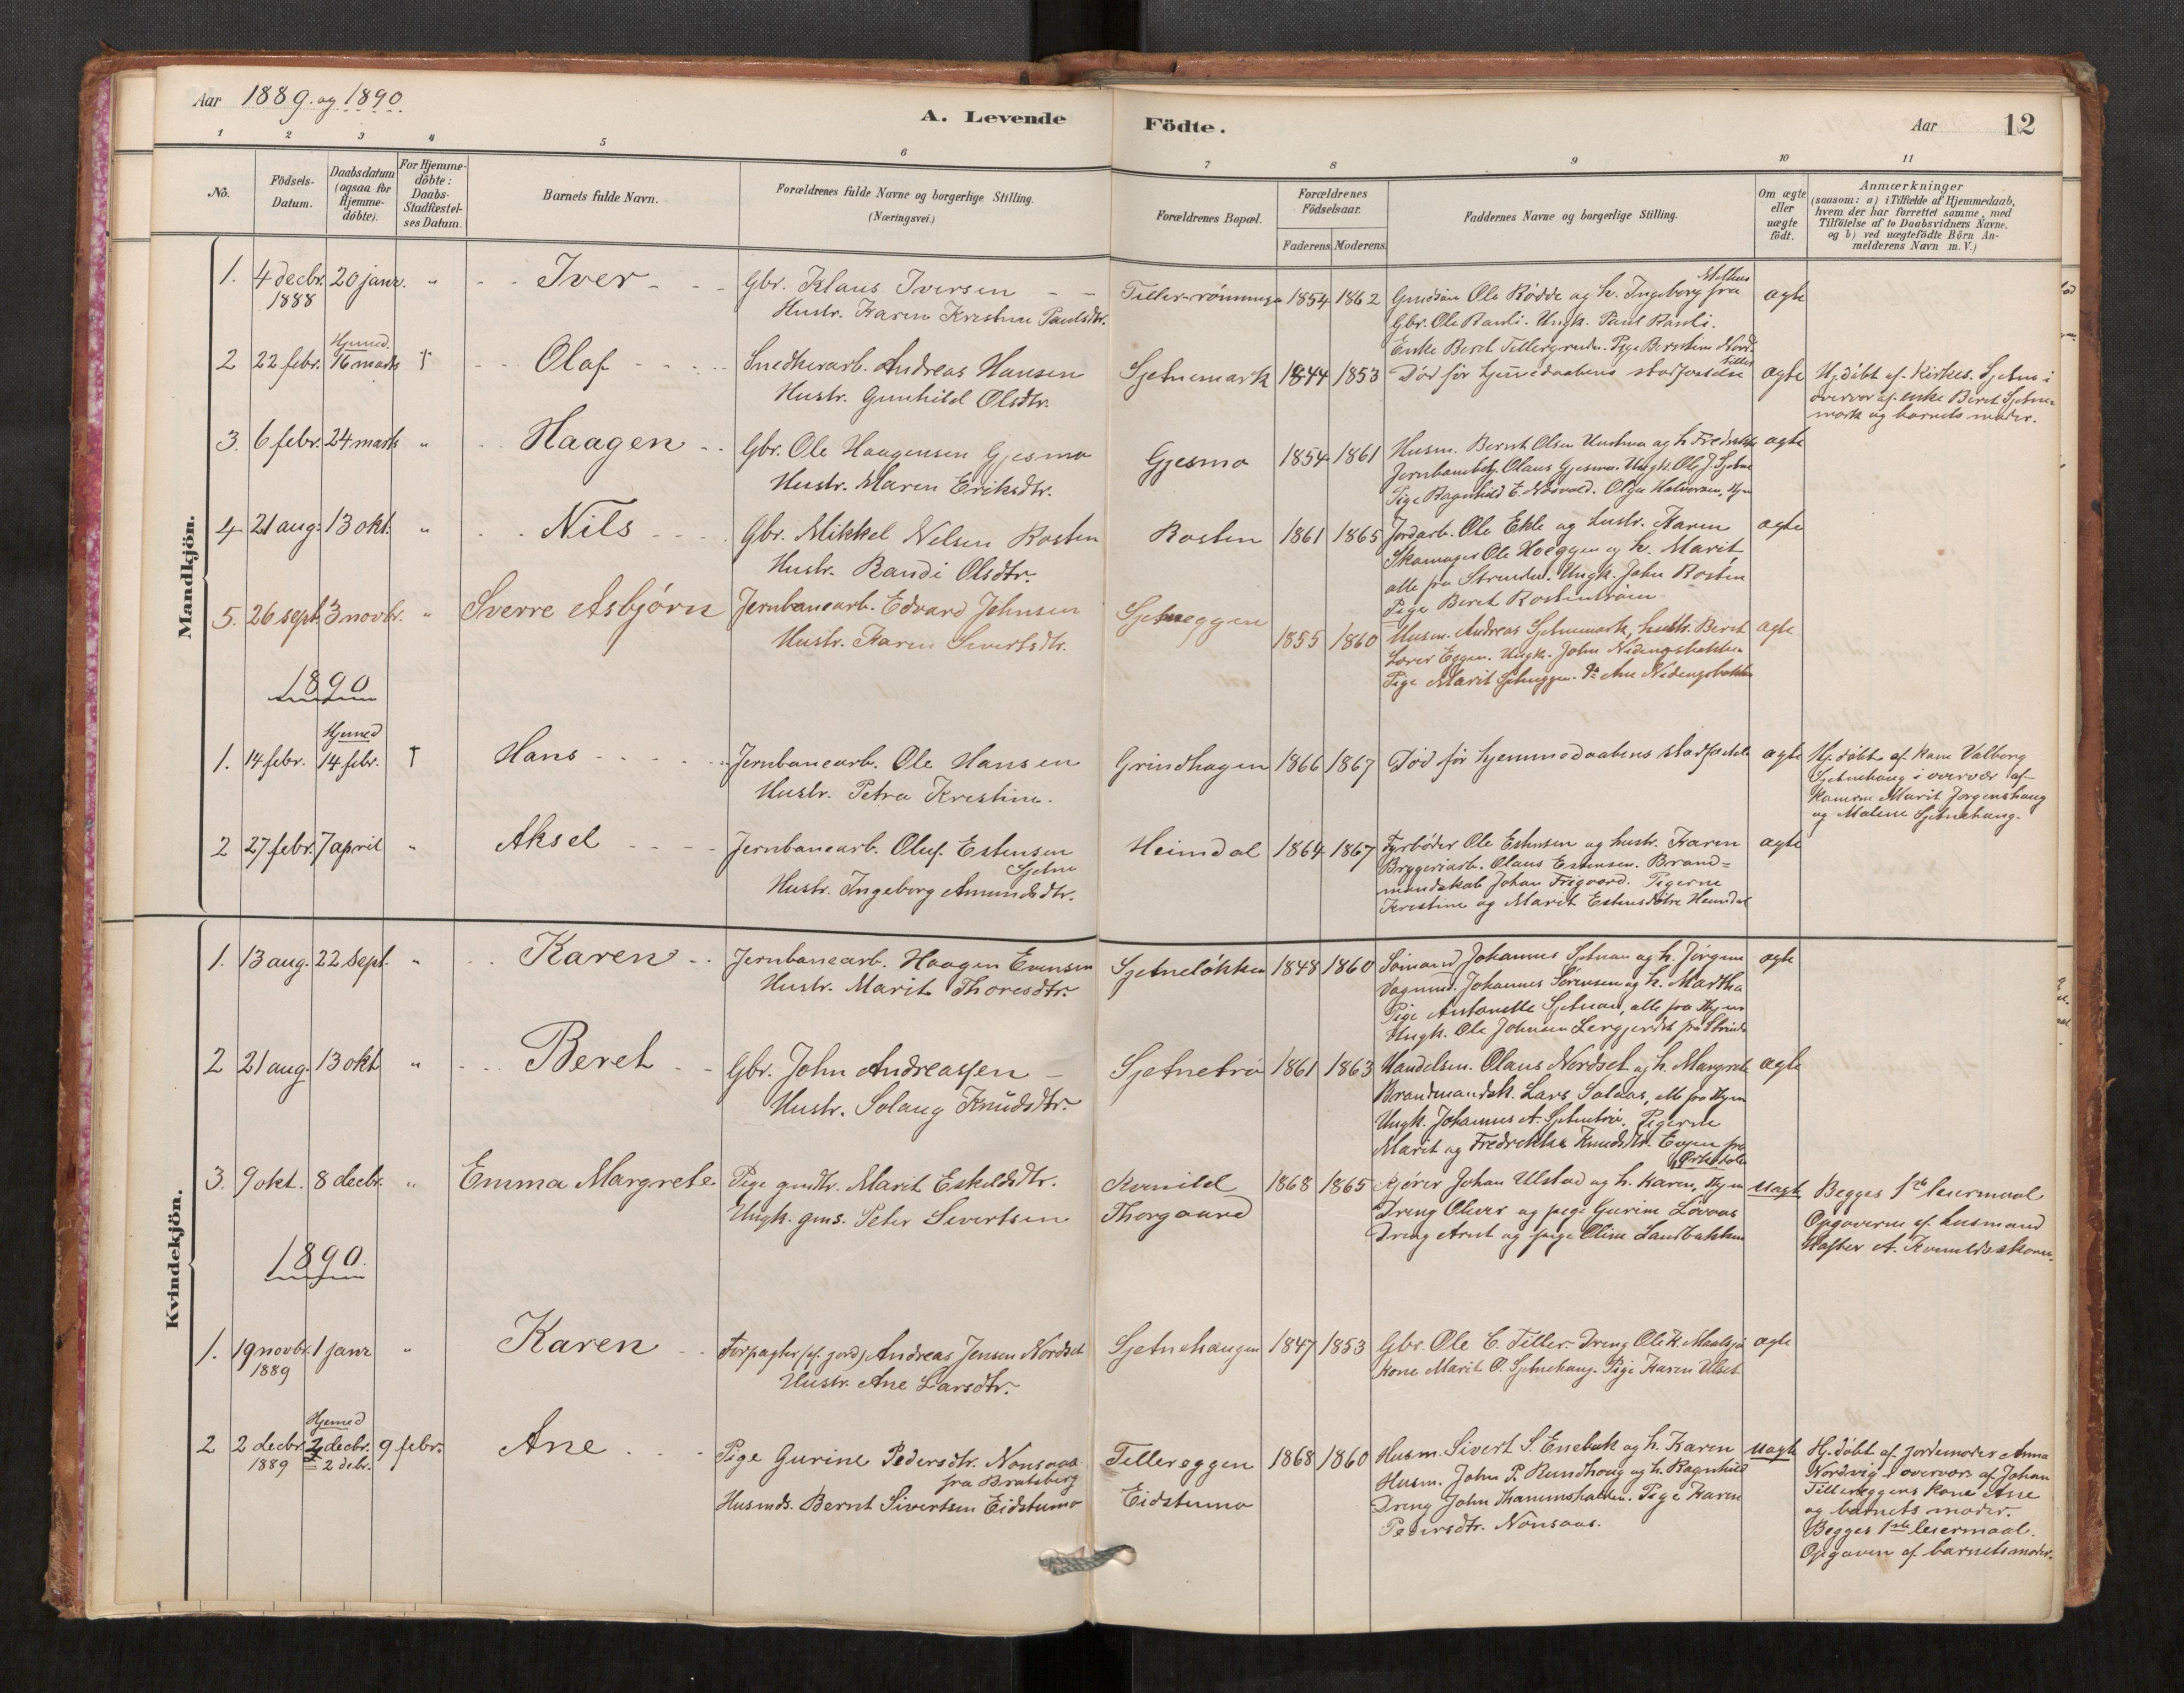 SAT, Klæbu sokneprestkontor, Parish register (official) no. 1, 1880-1900, p. 12